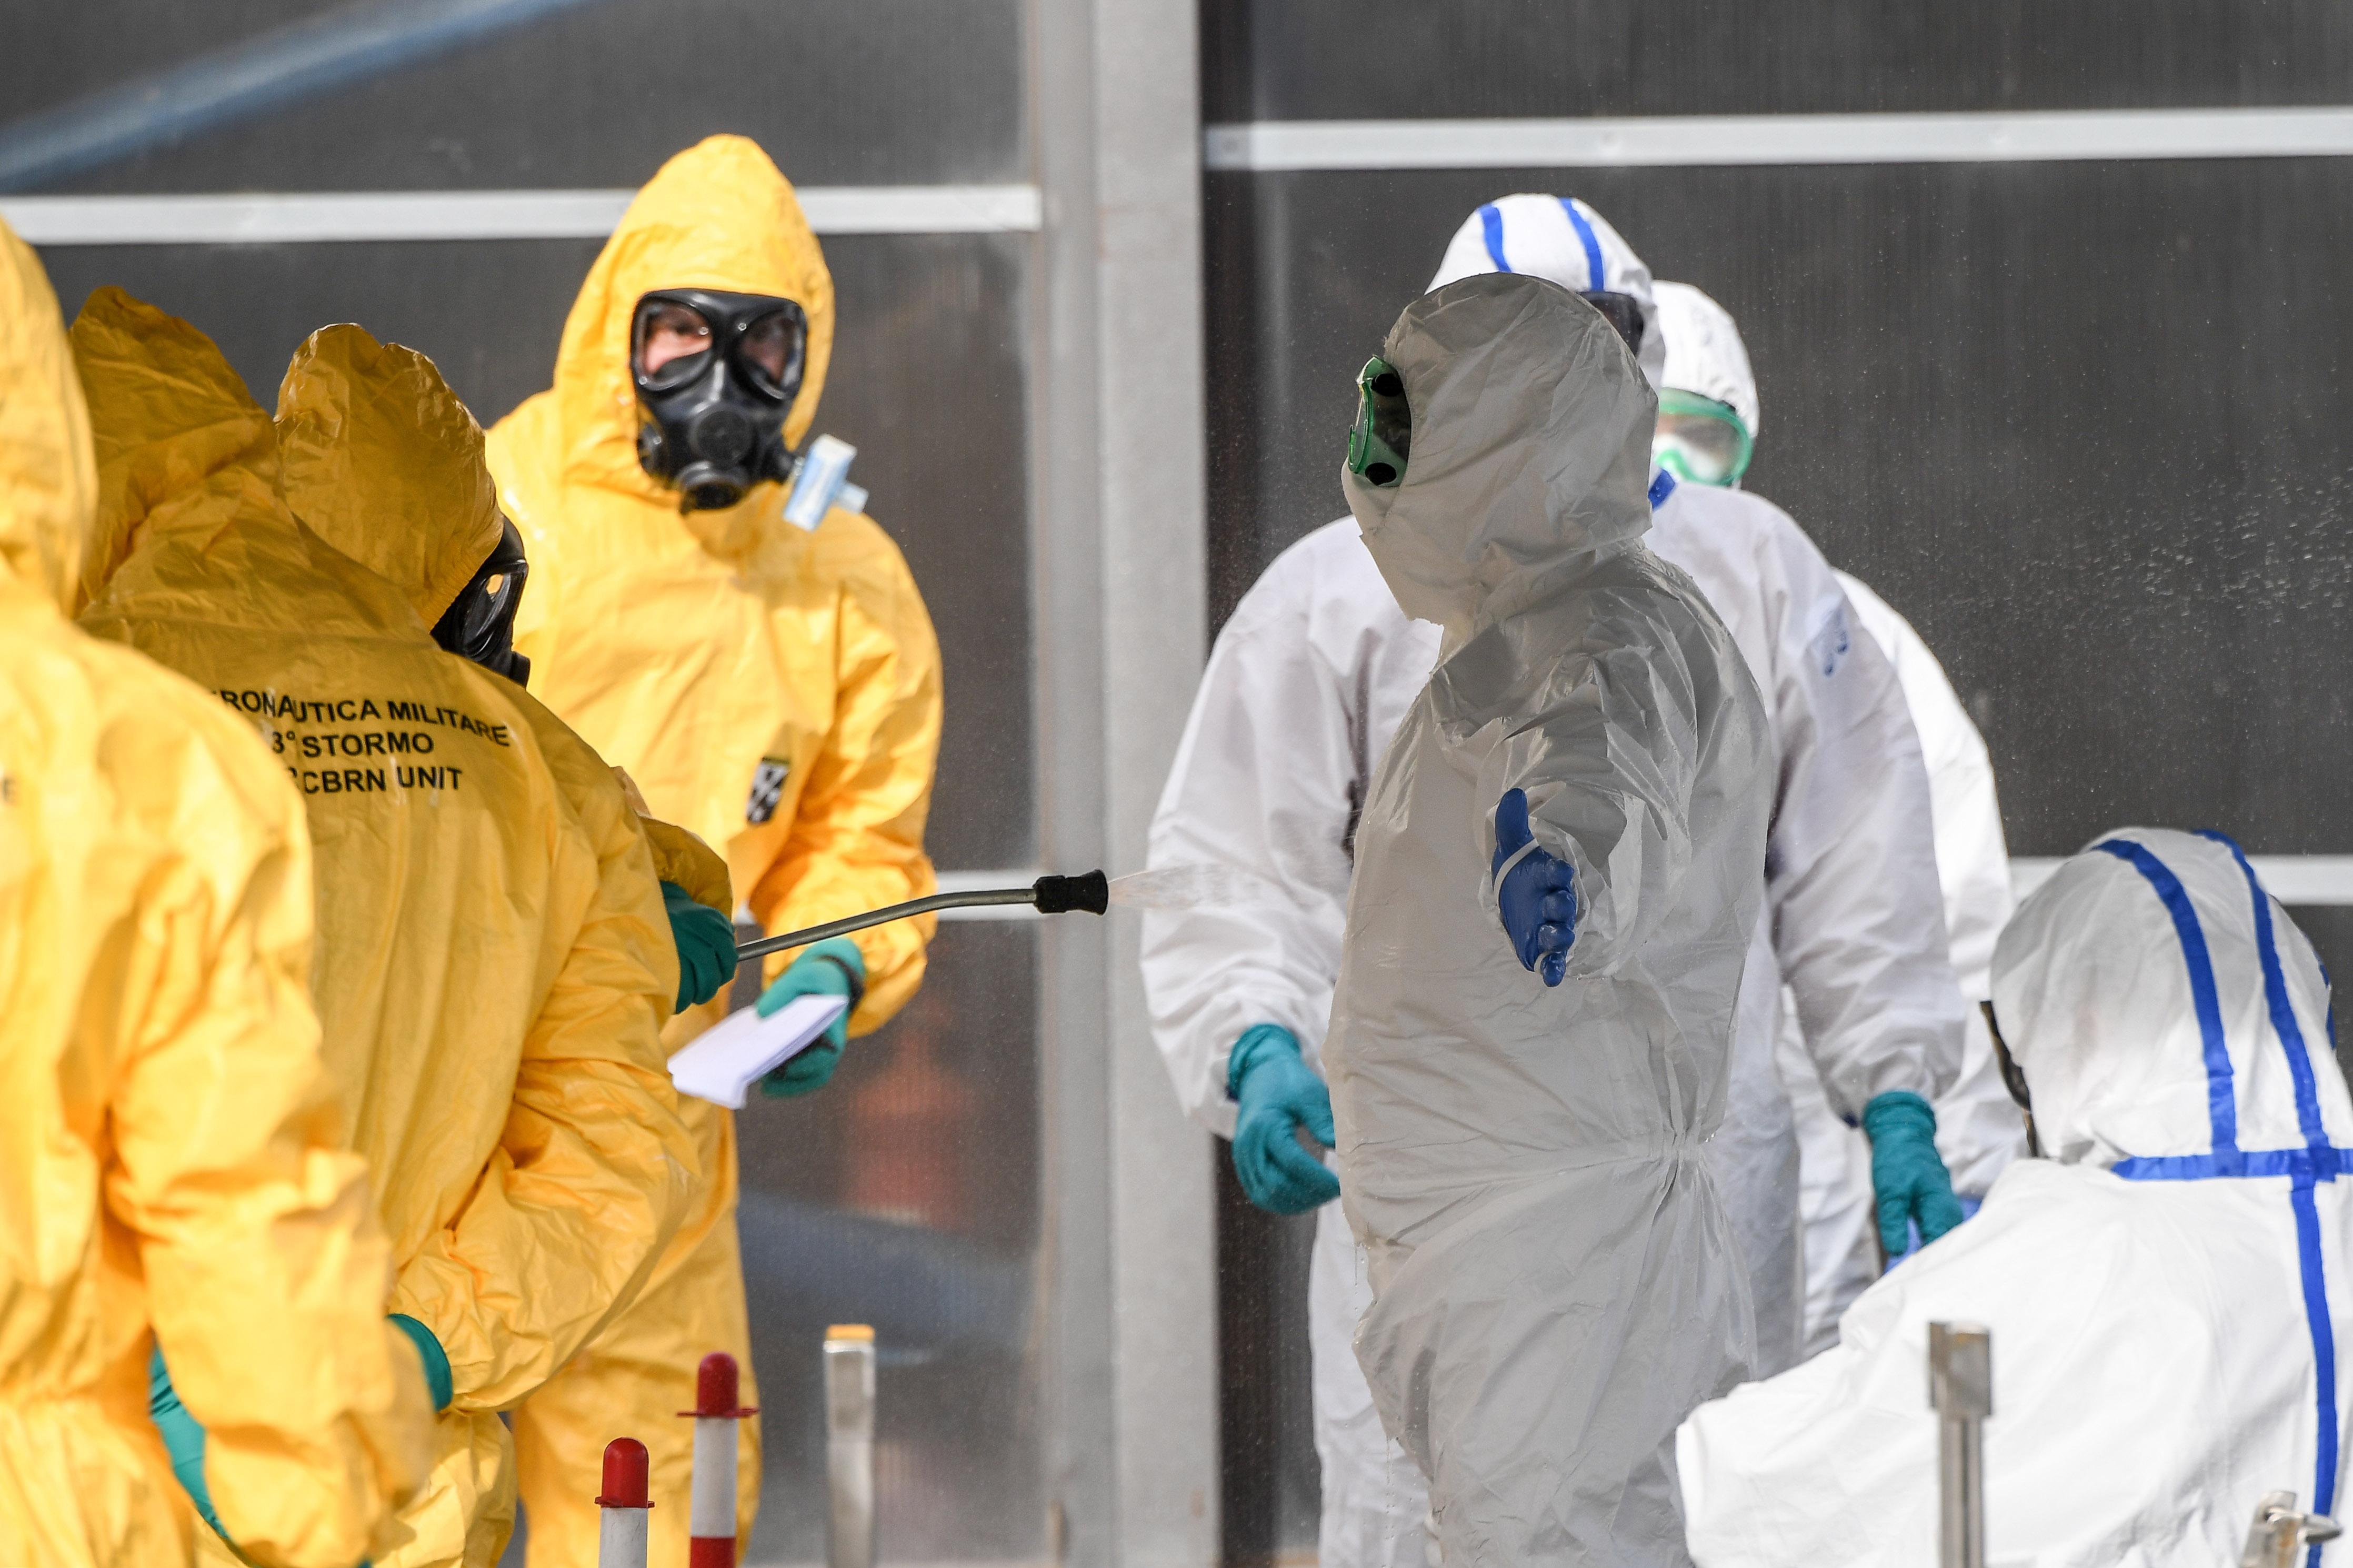 Egy nap alatt 16 koronavírusos esetet regisztráltak Olaszországban